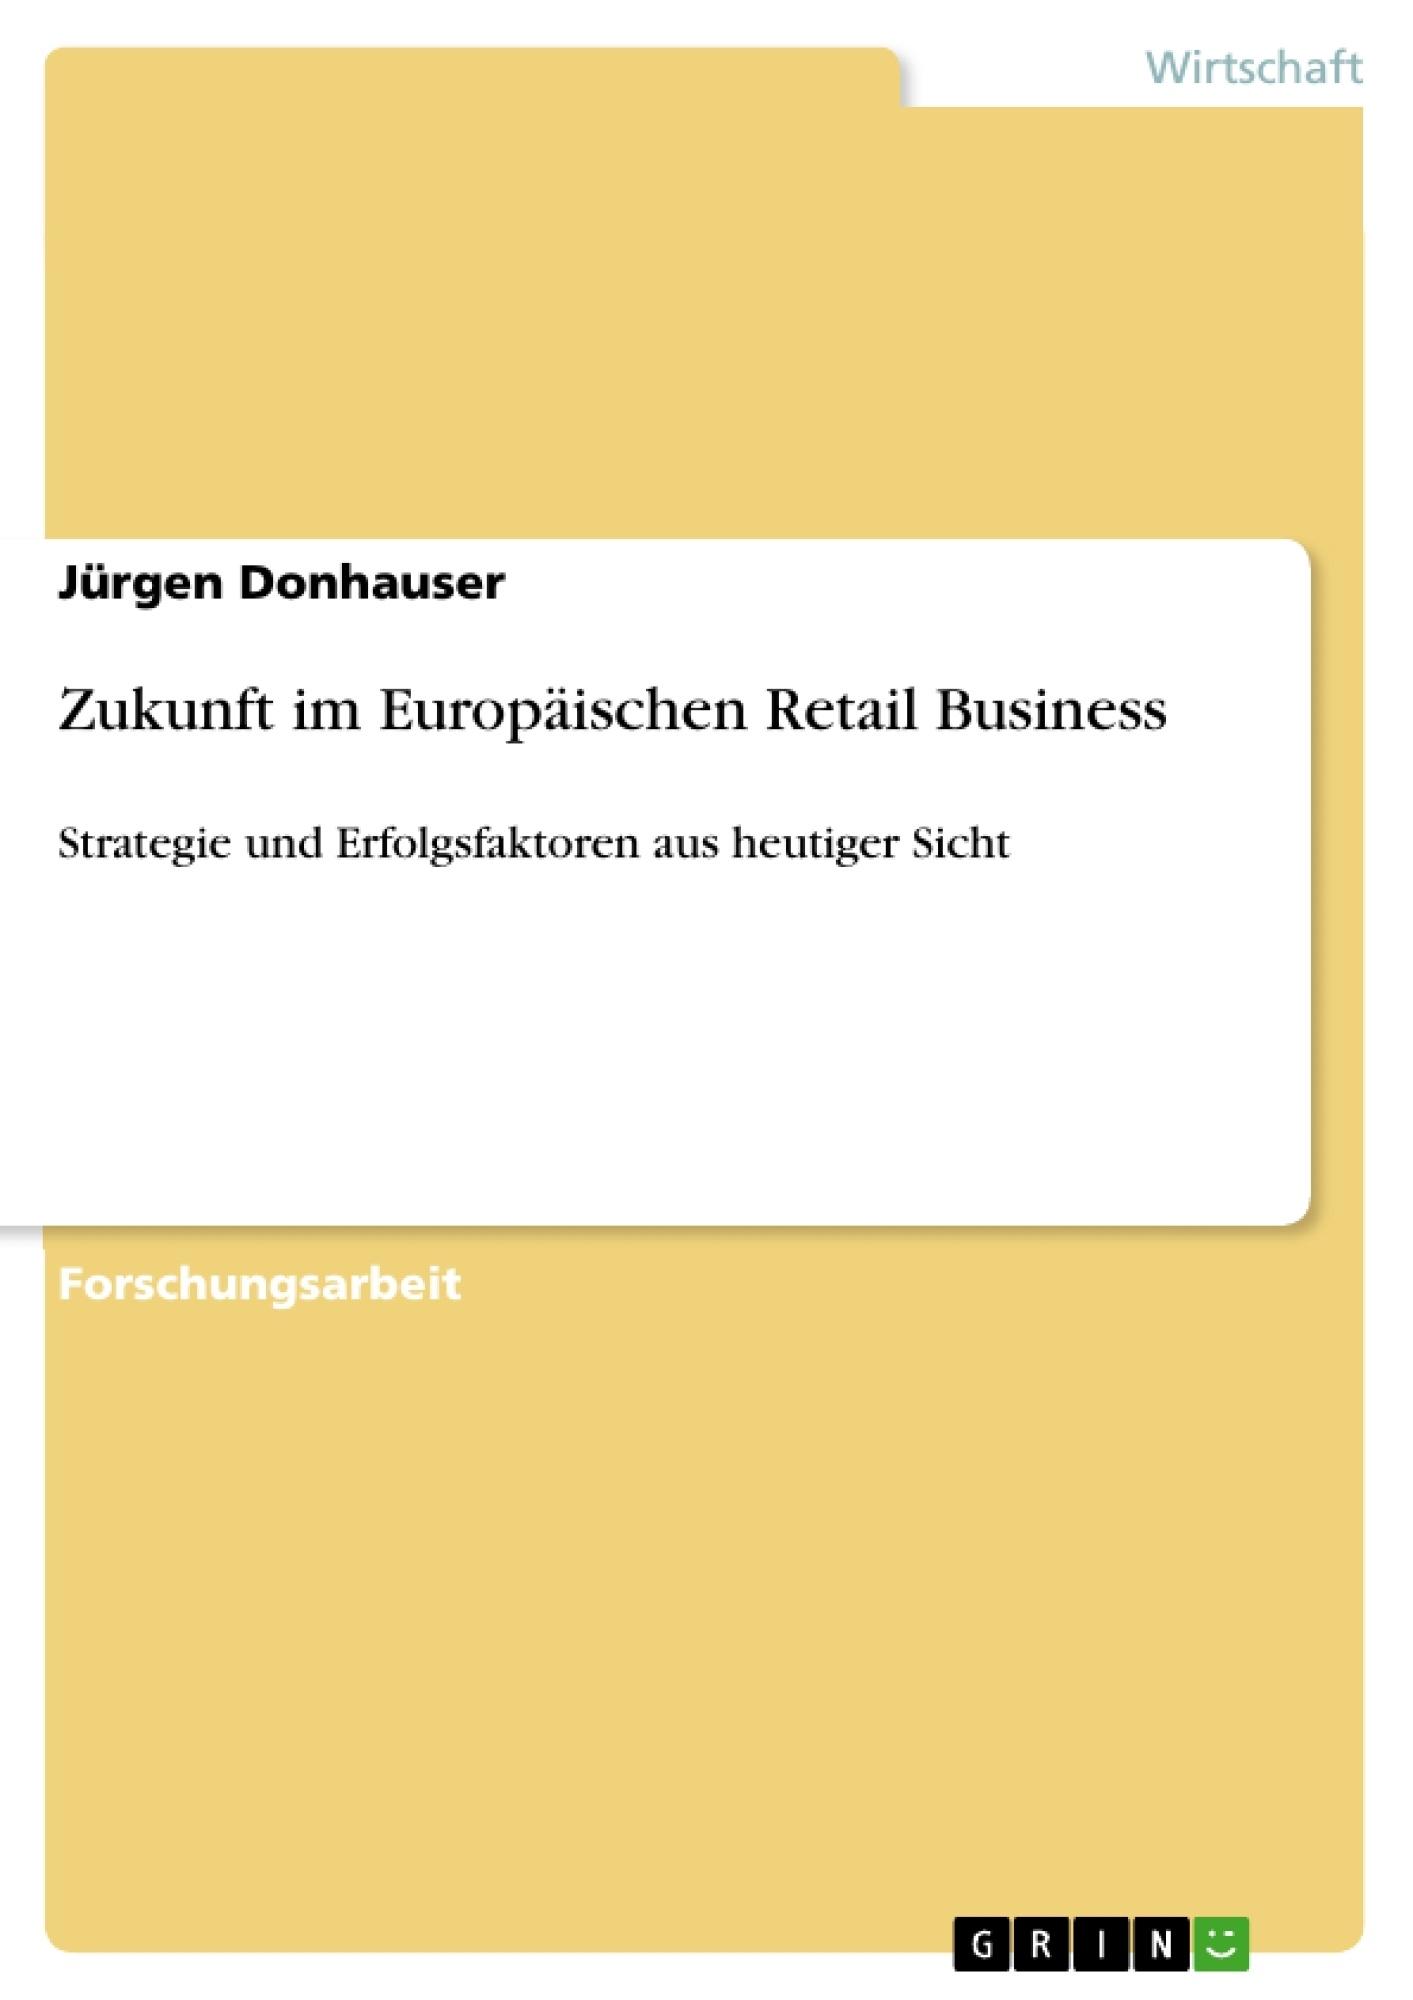 Titel: Zukunft im Europäischen Retail Business